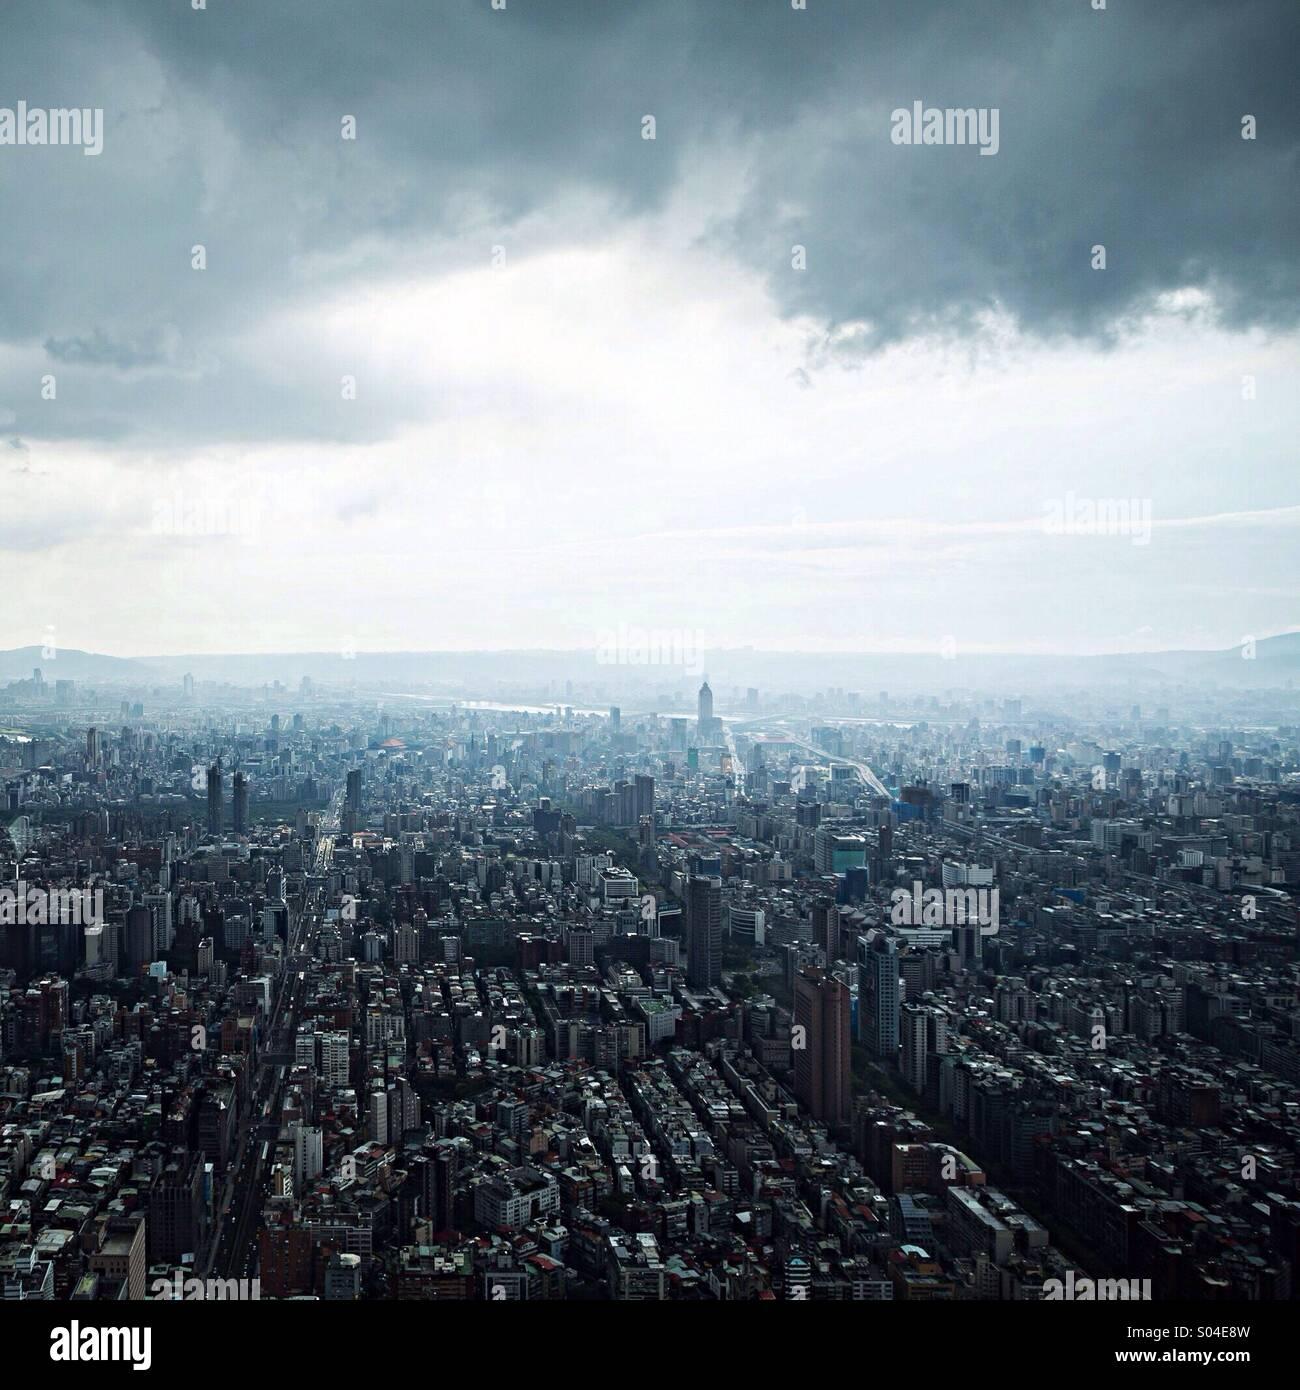 Vista aérea en Taipei, Taiwán, desde el observatorio en el Taipei 101. Imagen De Stock